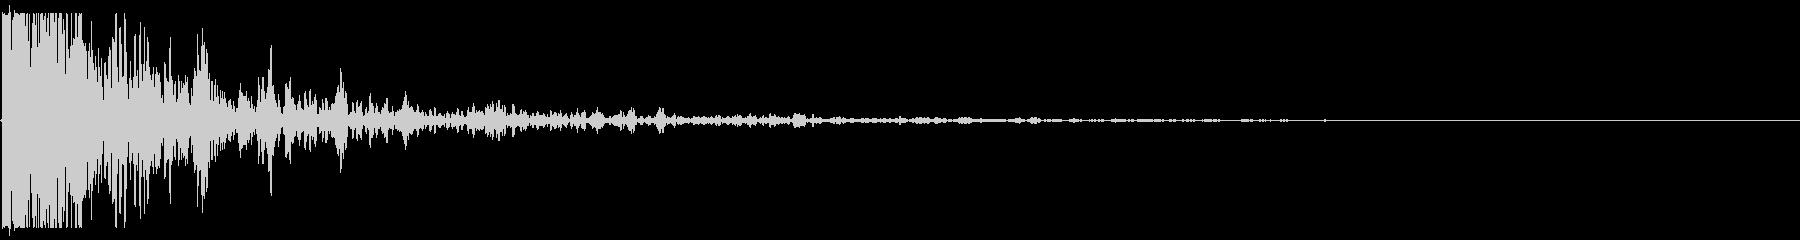 爆発:1Lb:シングルブラストの未再生の波形